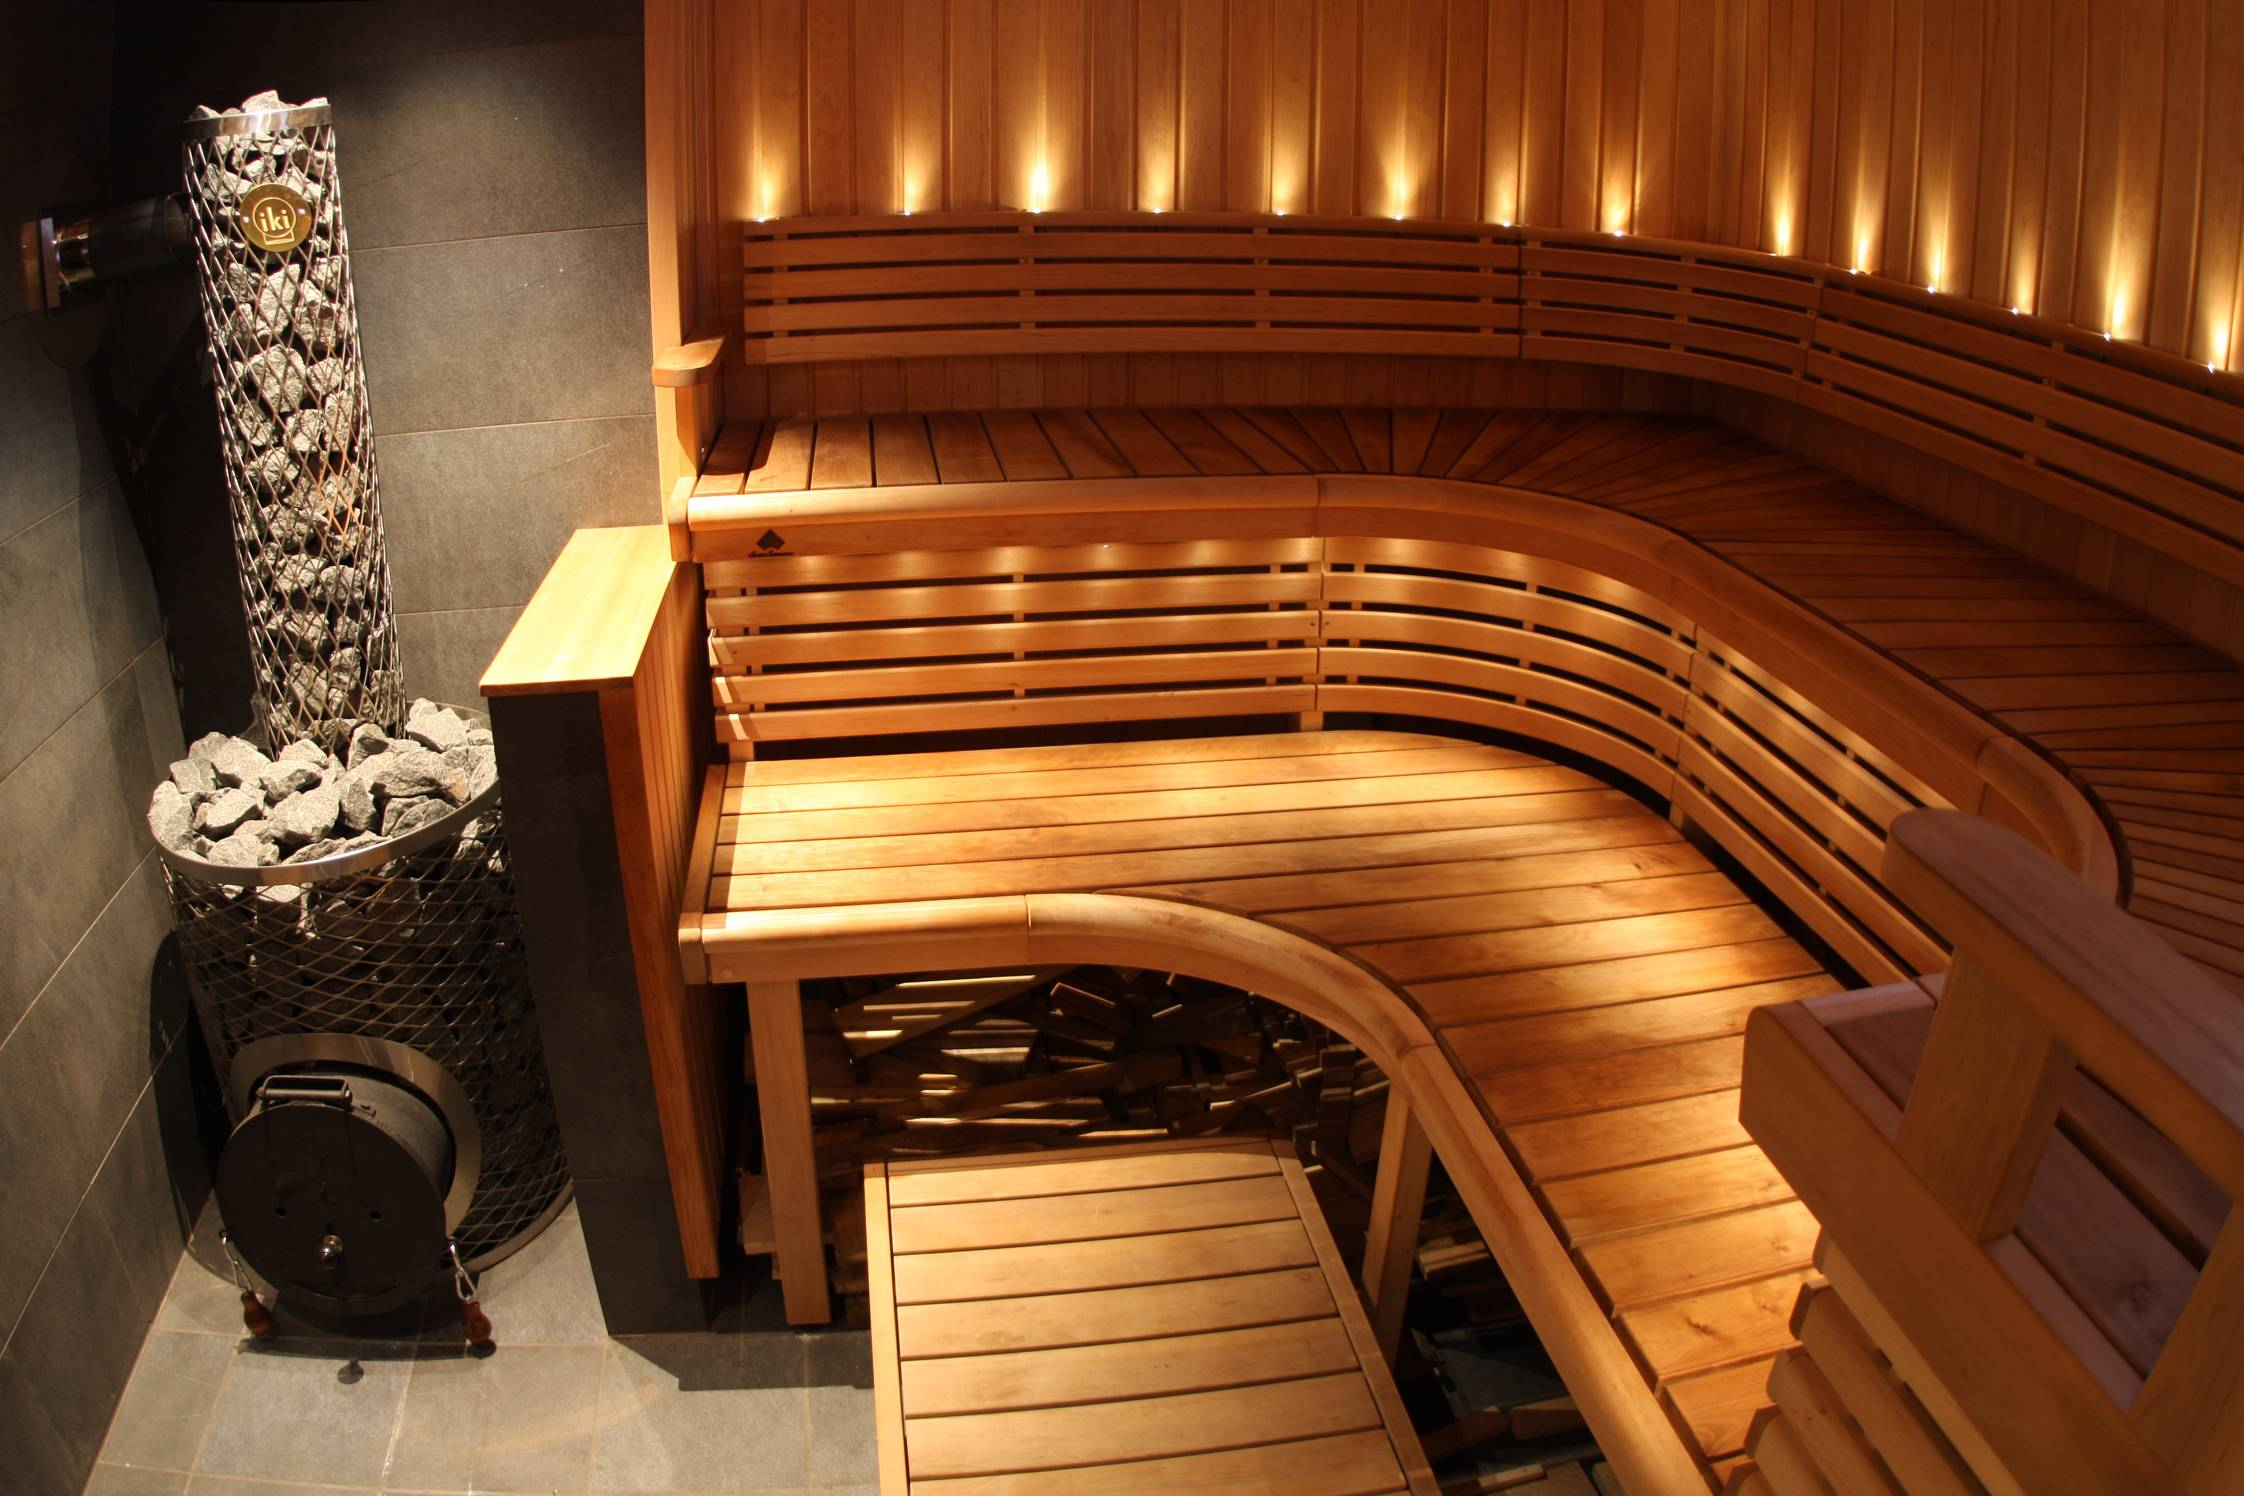 Финская баня (56 фото): что это такое, проекты и печи в парную, баня-бочка из бруса своими руками и финская парилка